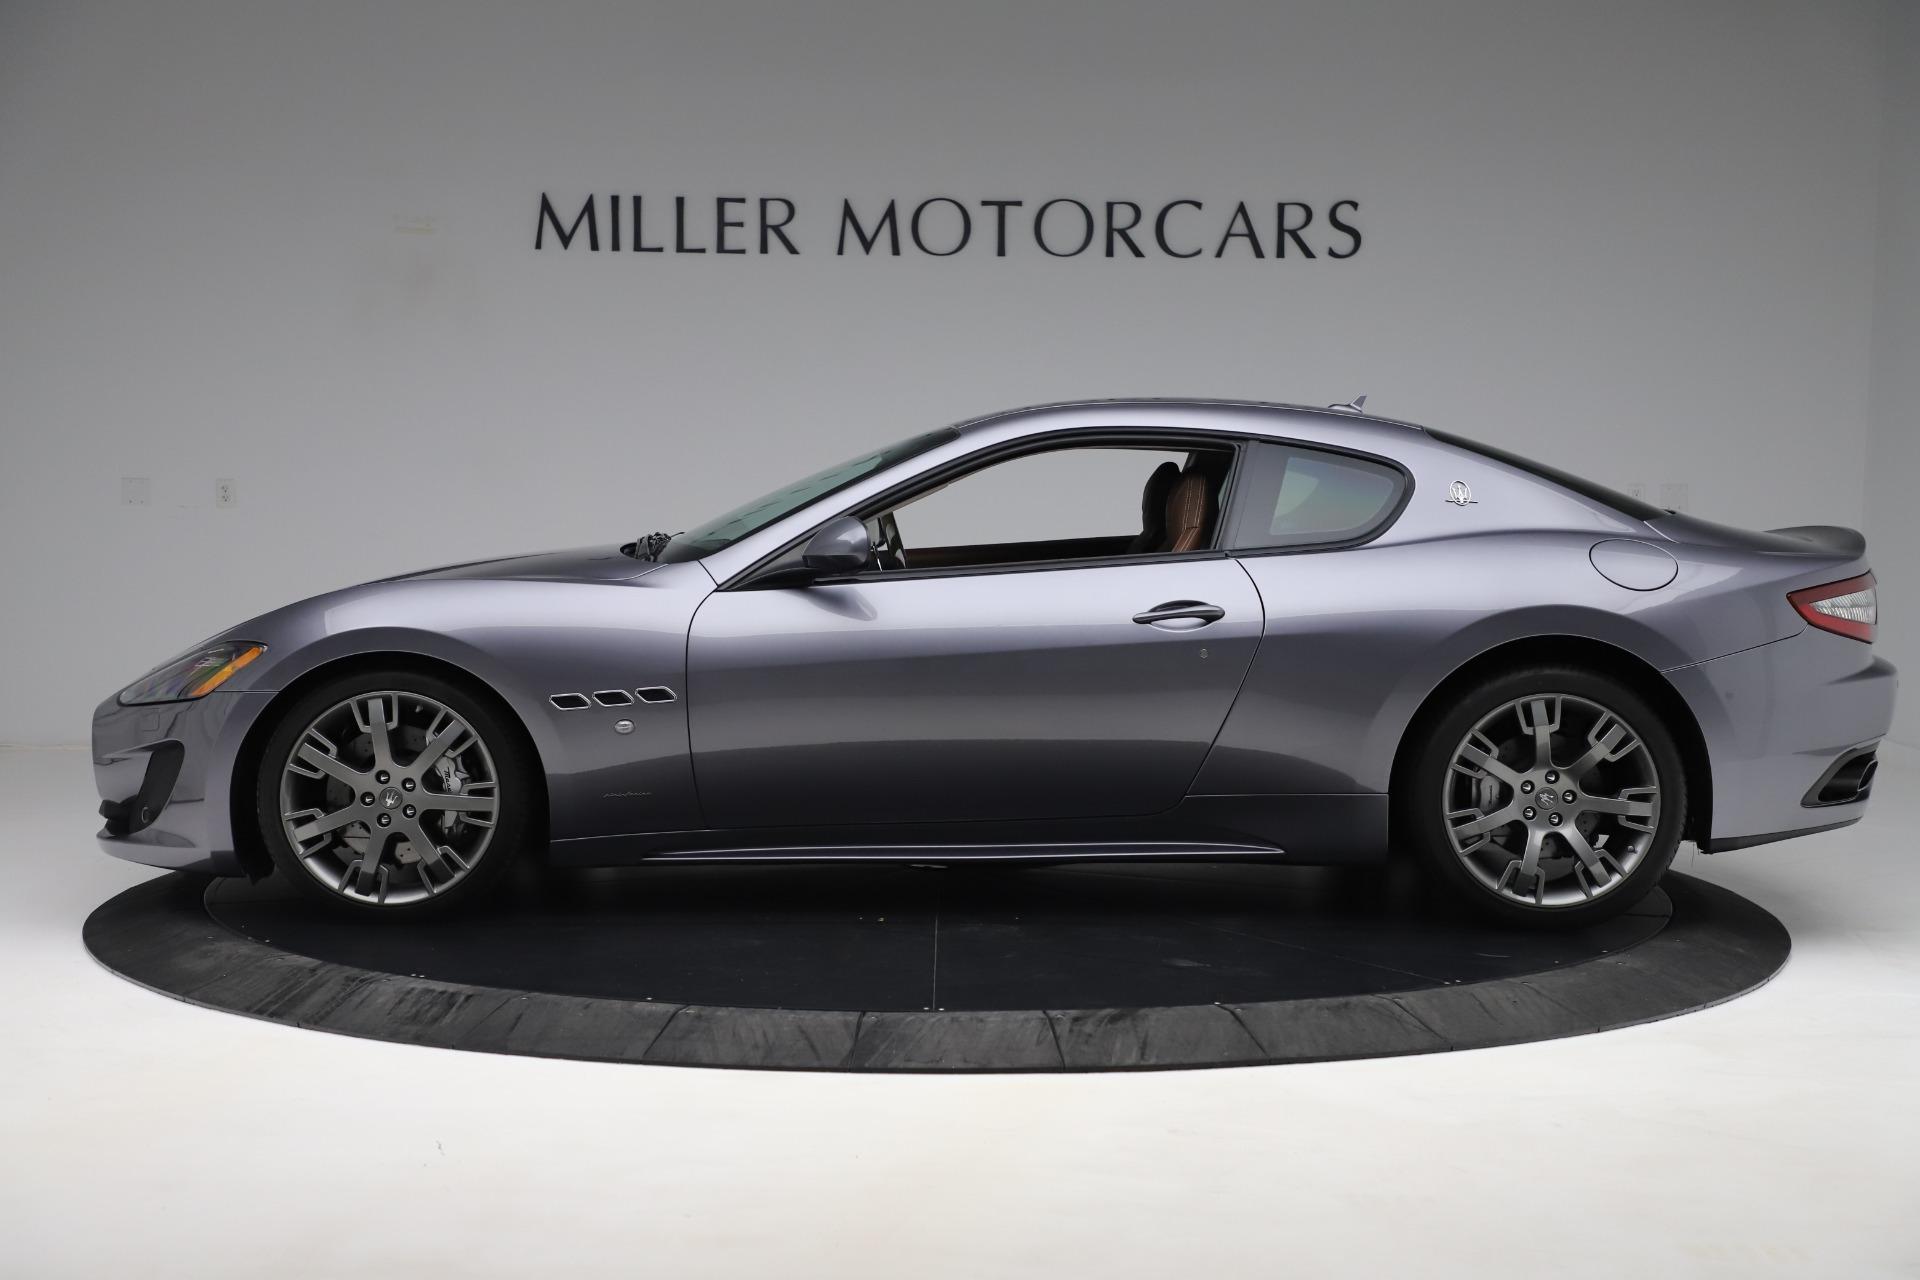 New 2016 Maserati GranTurismo Sport- TEST DRIVE SPECIAL For Sale In Greenwich, CT 166_p3